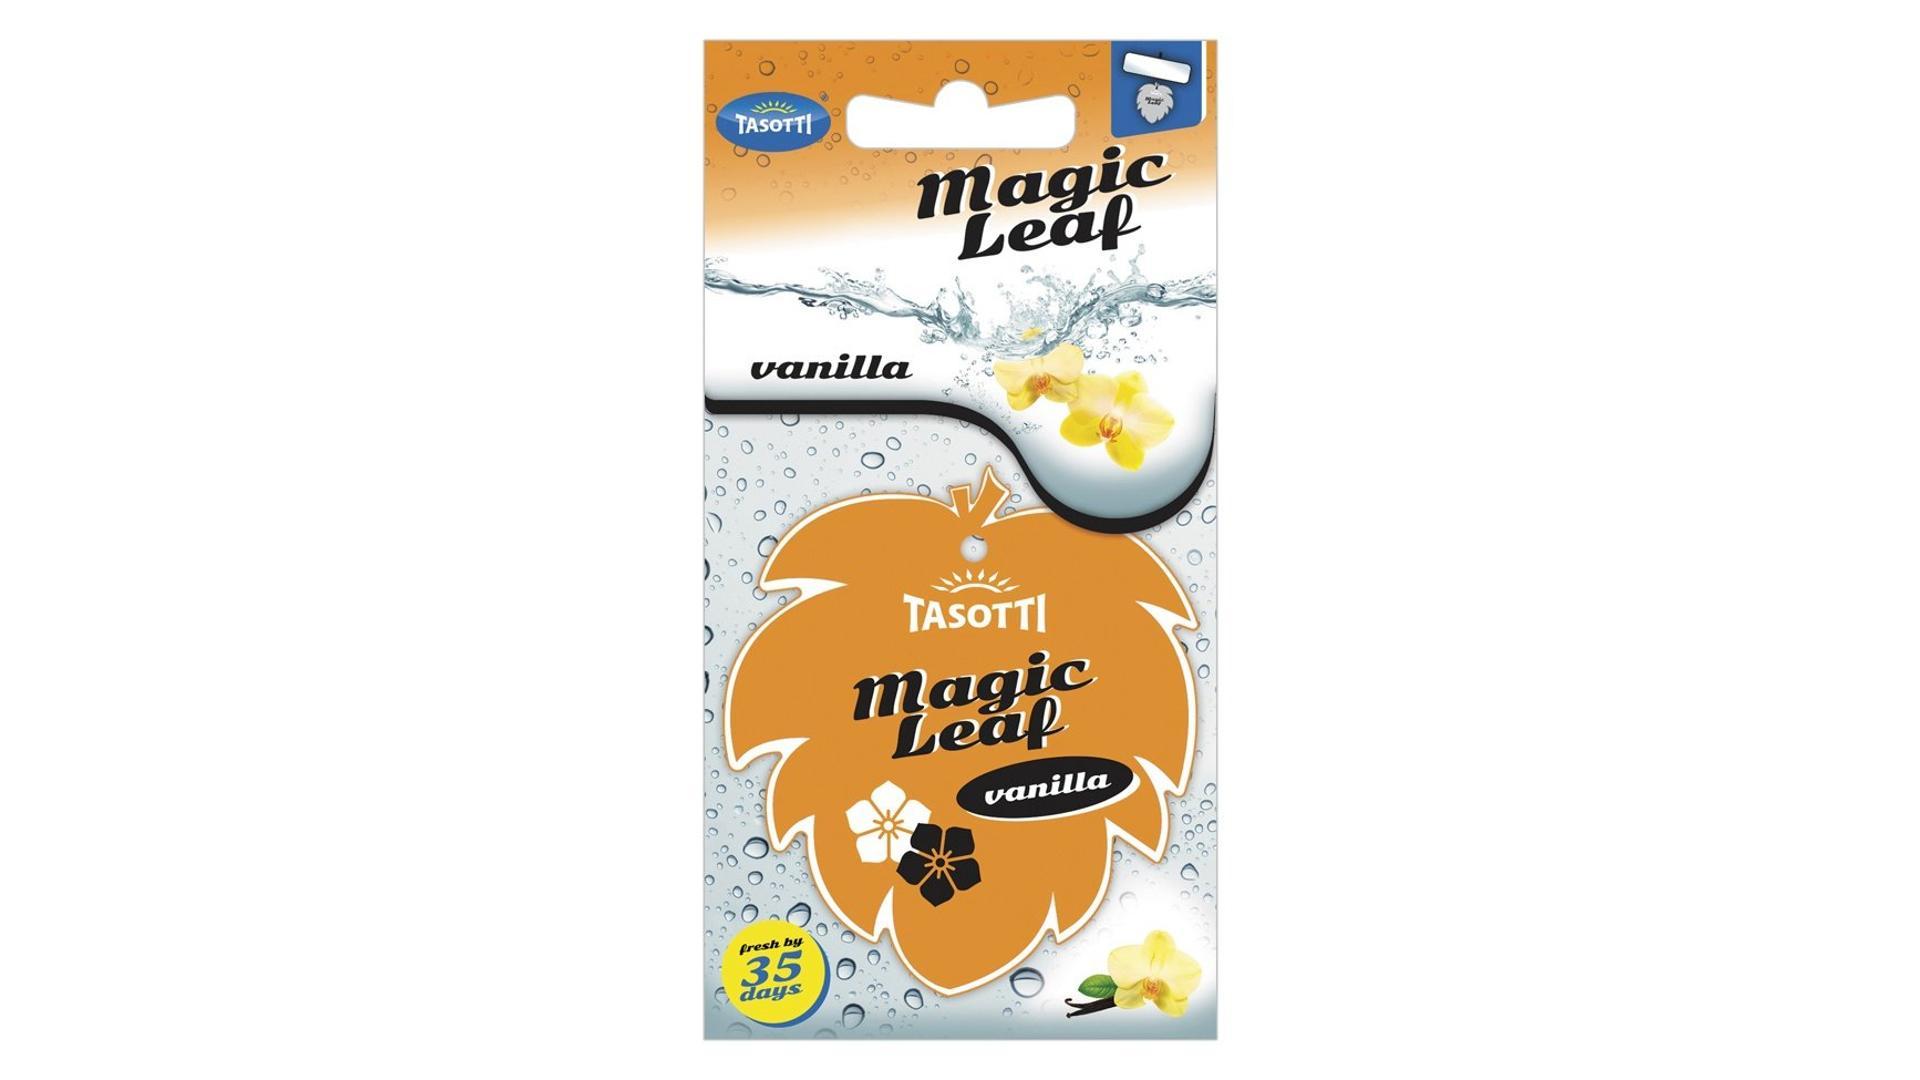 TASOTTI Magic leaf vanilla